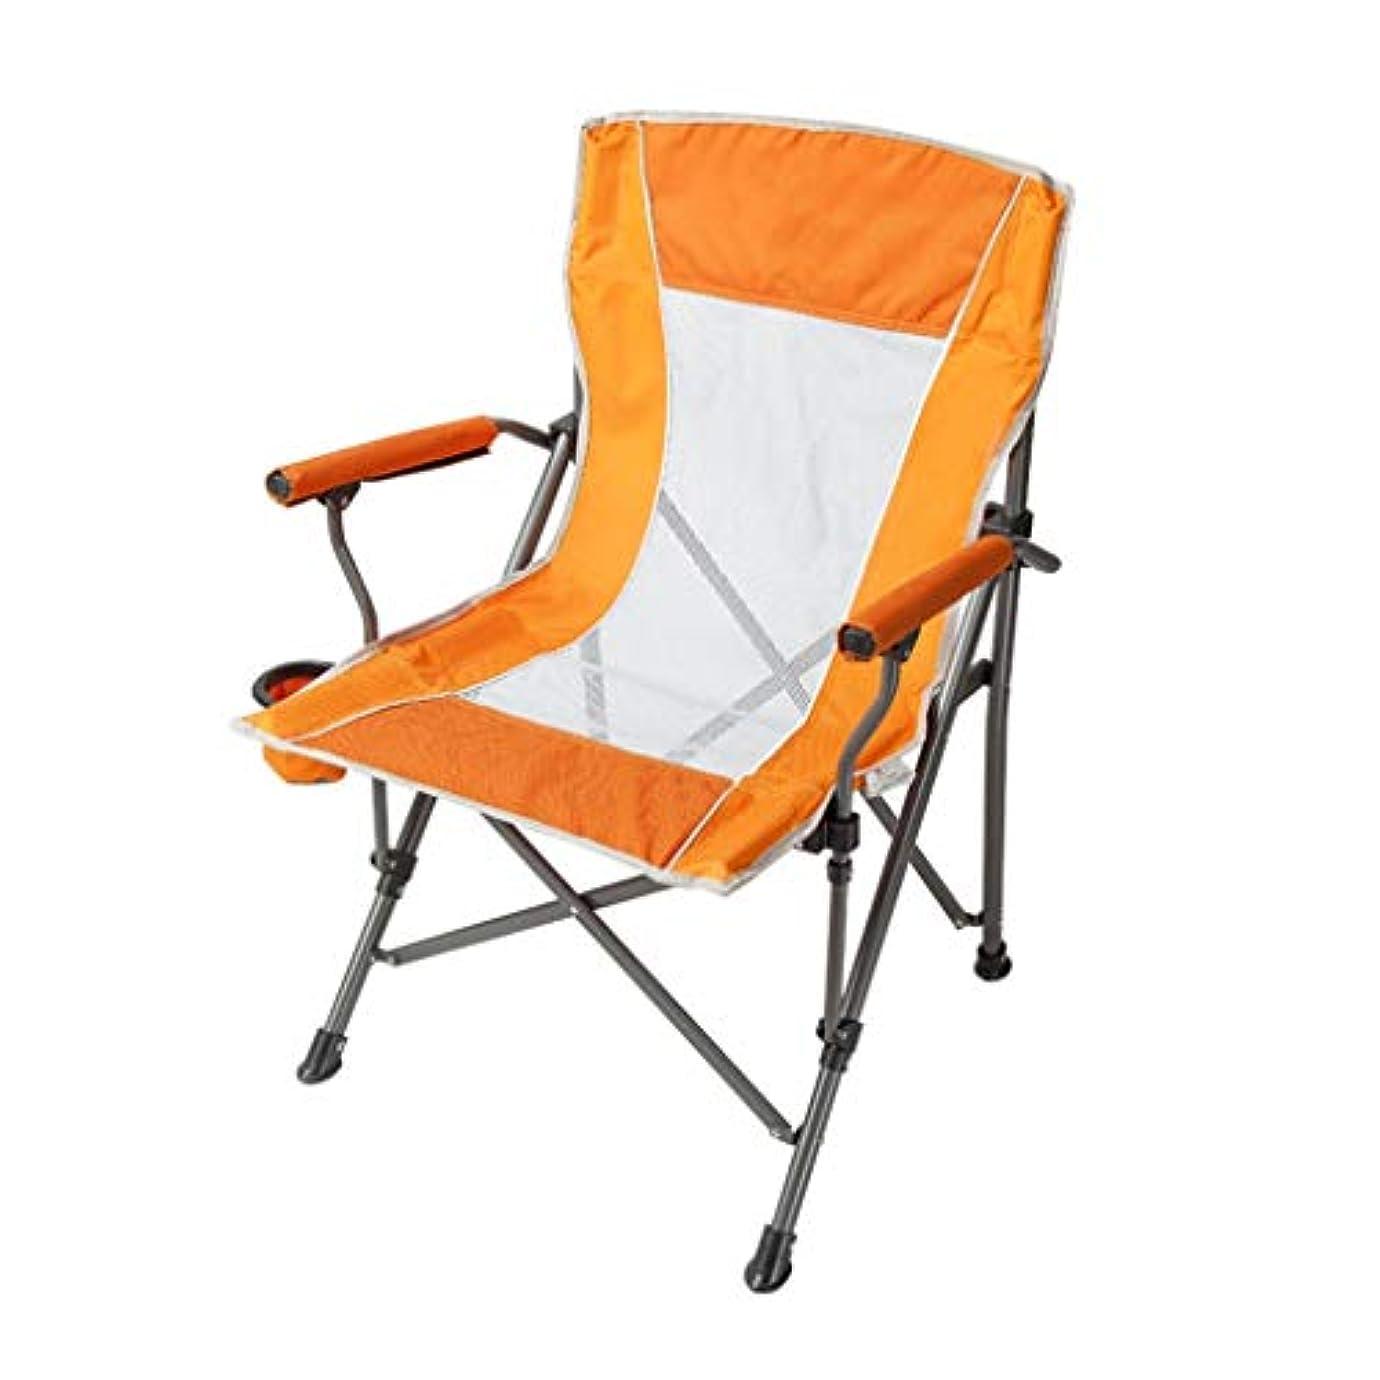 力強いカーフ仮定ロッキングチェア 折りたたみチェアキャンピングチェアポータブルガーデンビーチキャンプベッドルームラウンジチェア、ベアリング100kg(多色) (色 : Orange)